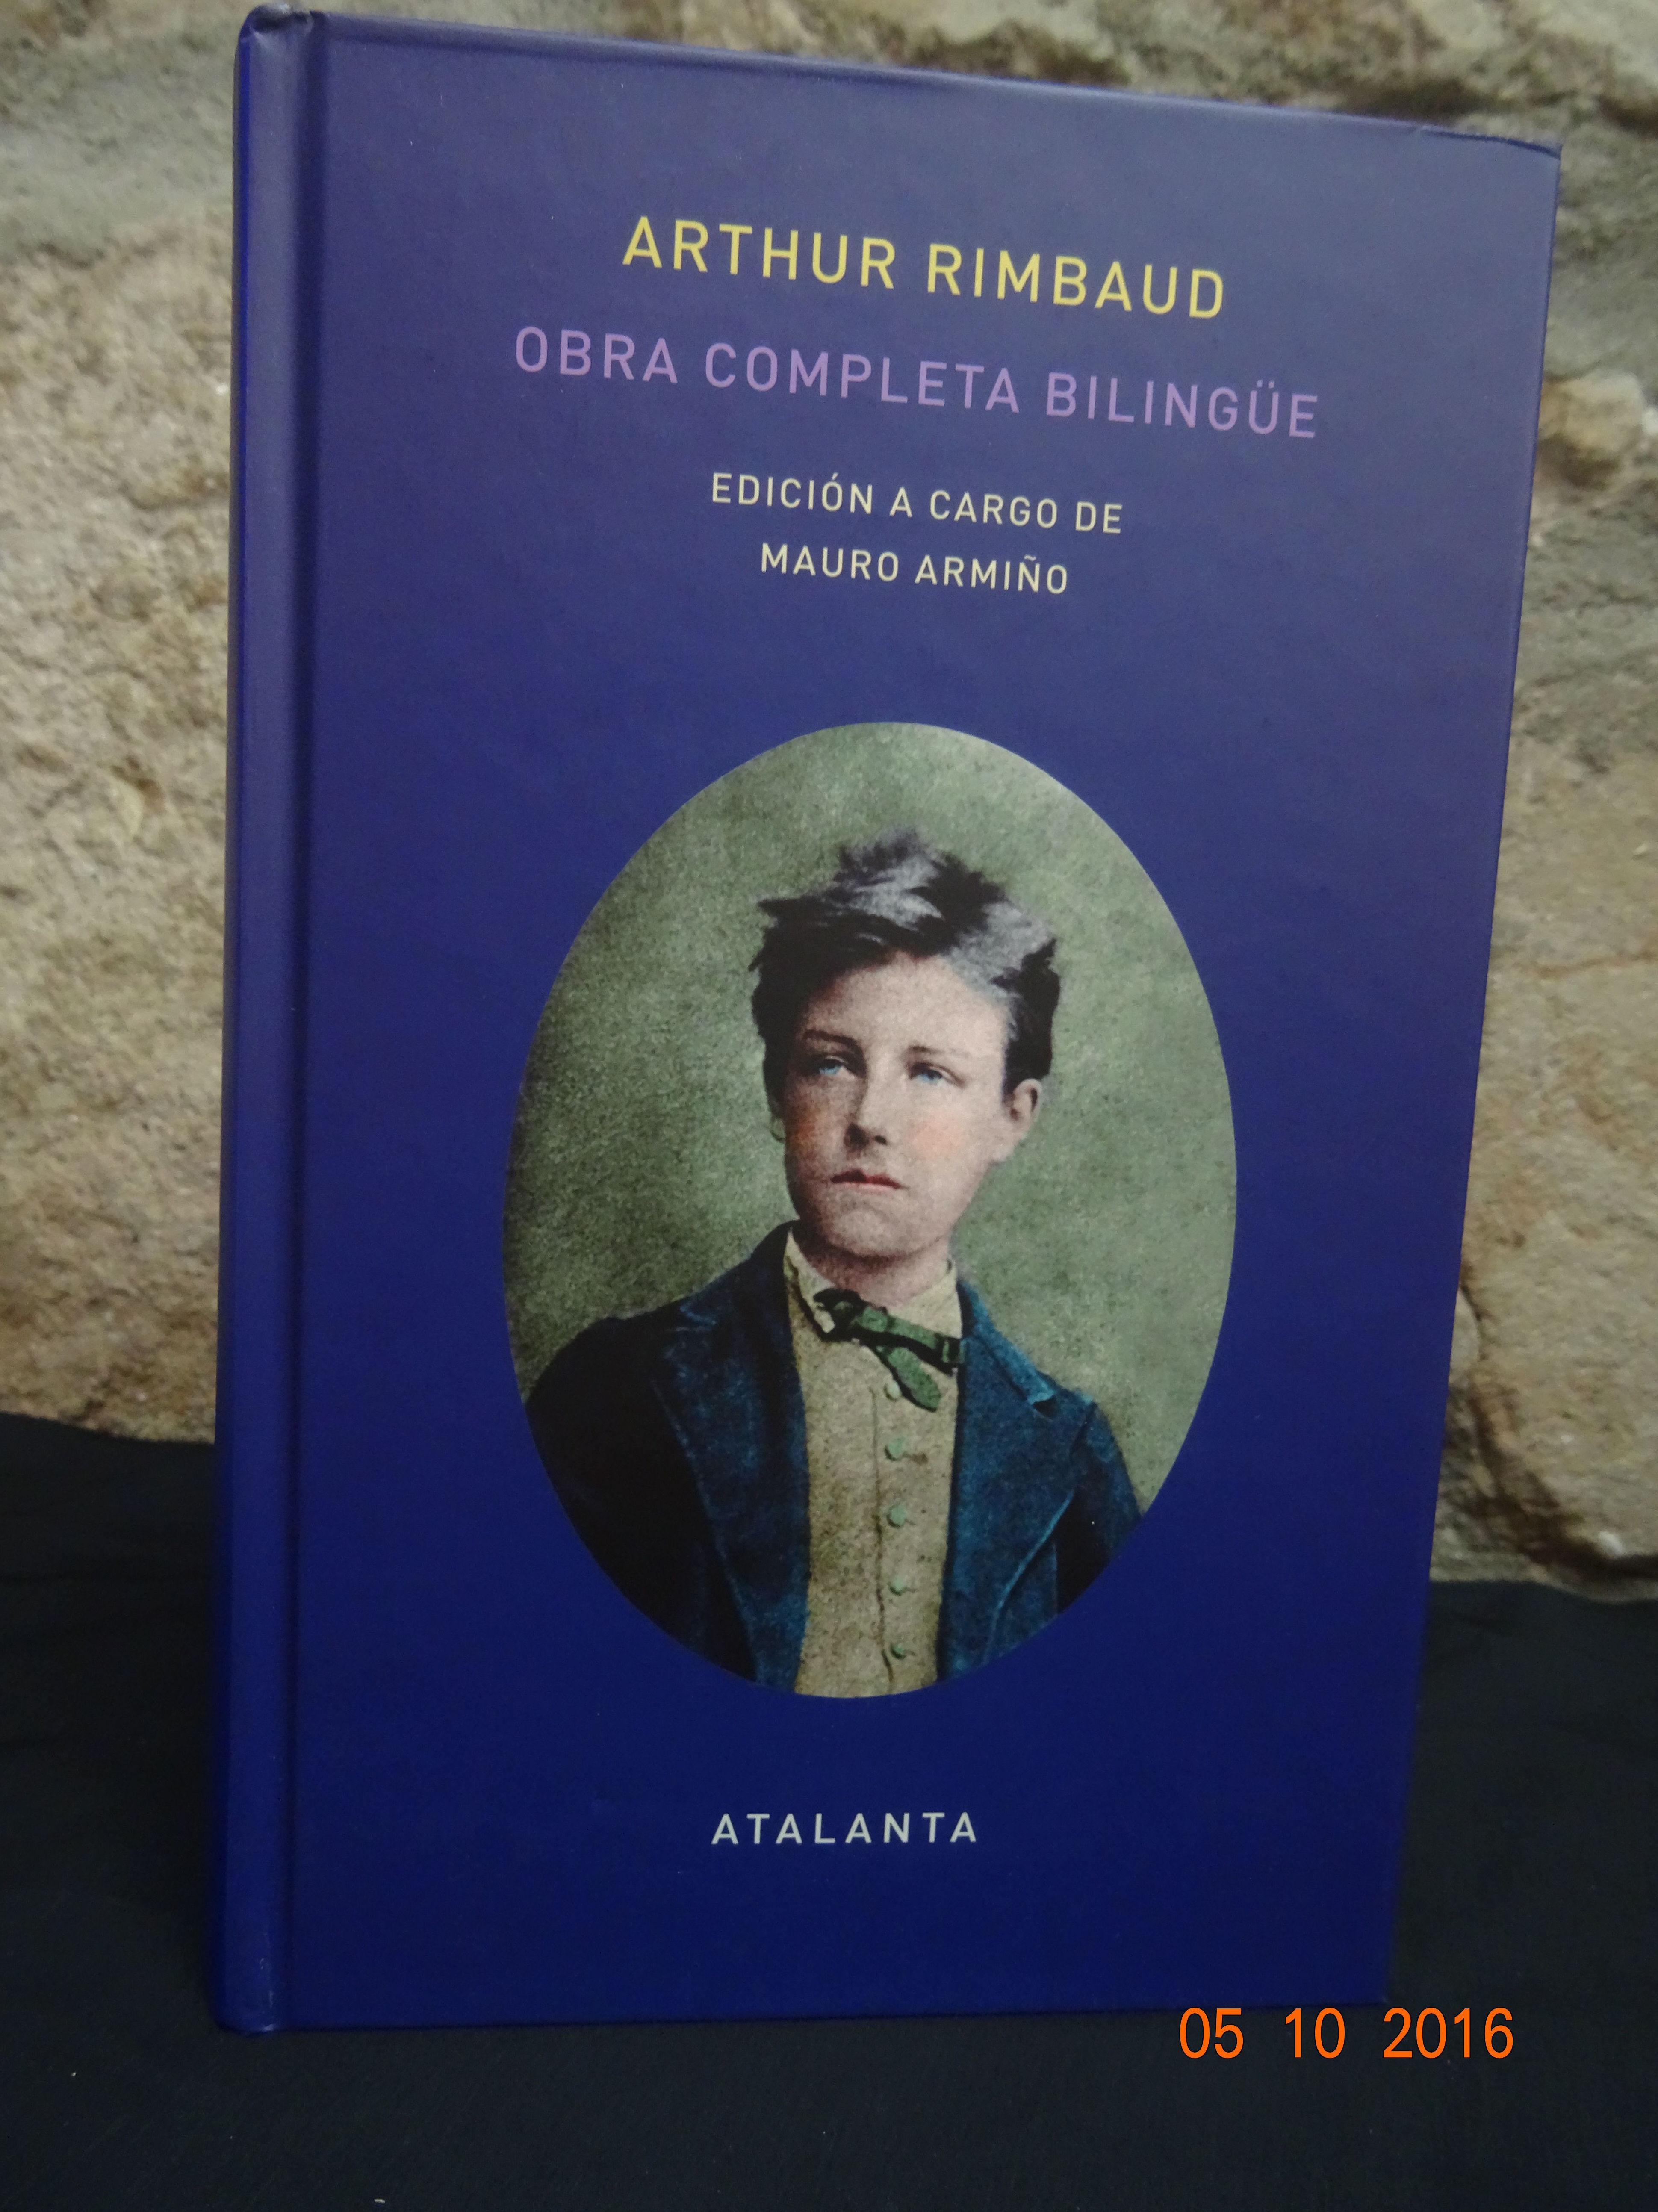 Arthur Rimbaud Obra completa bilingüe: SECCIONES de Librería Nueva Plaza Universitaria